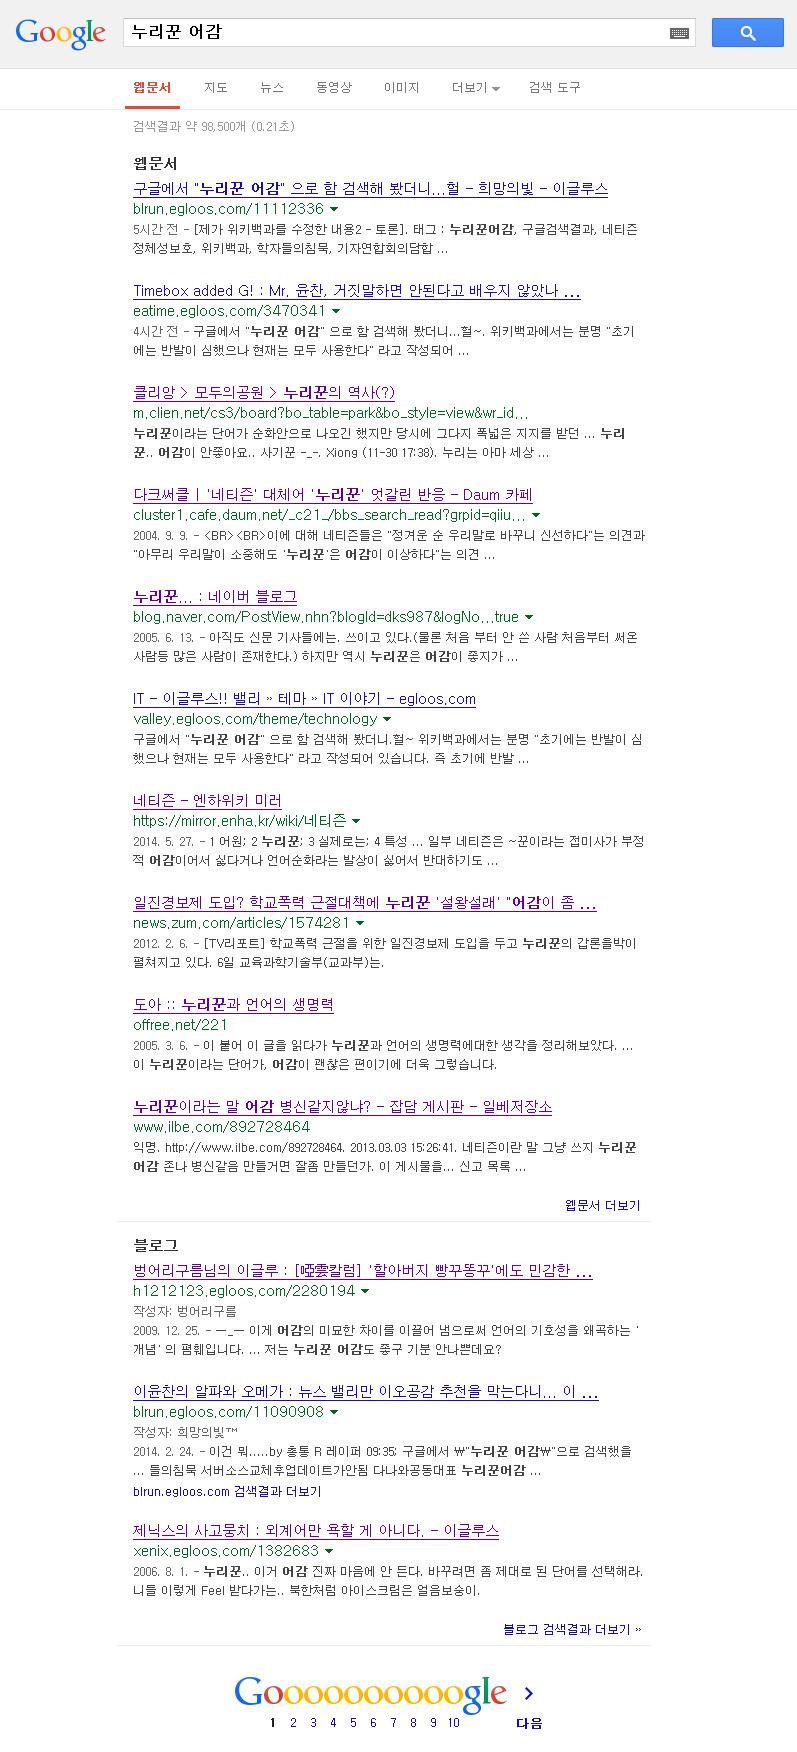 '누리꾼 어감' 검색결과 분석